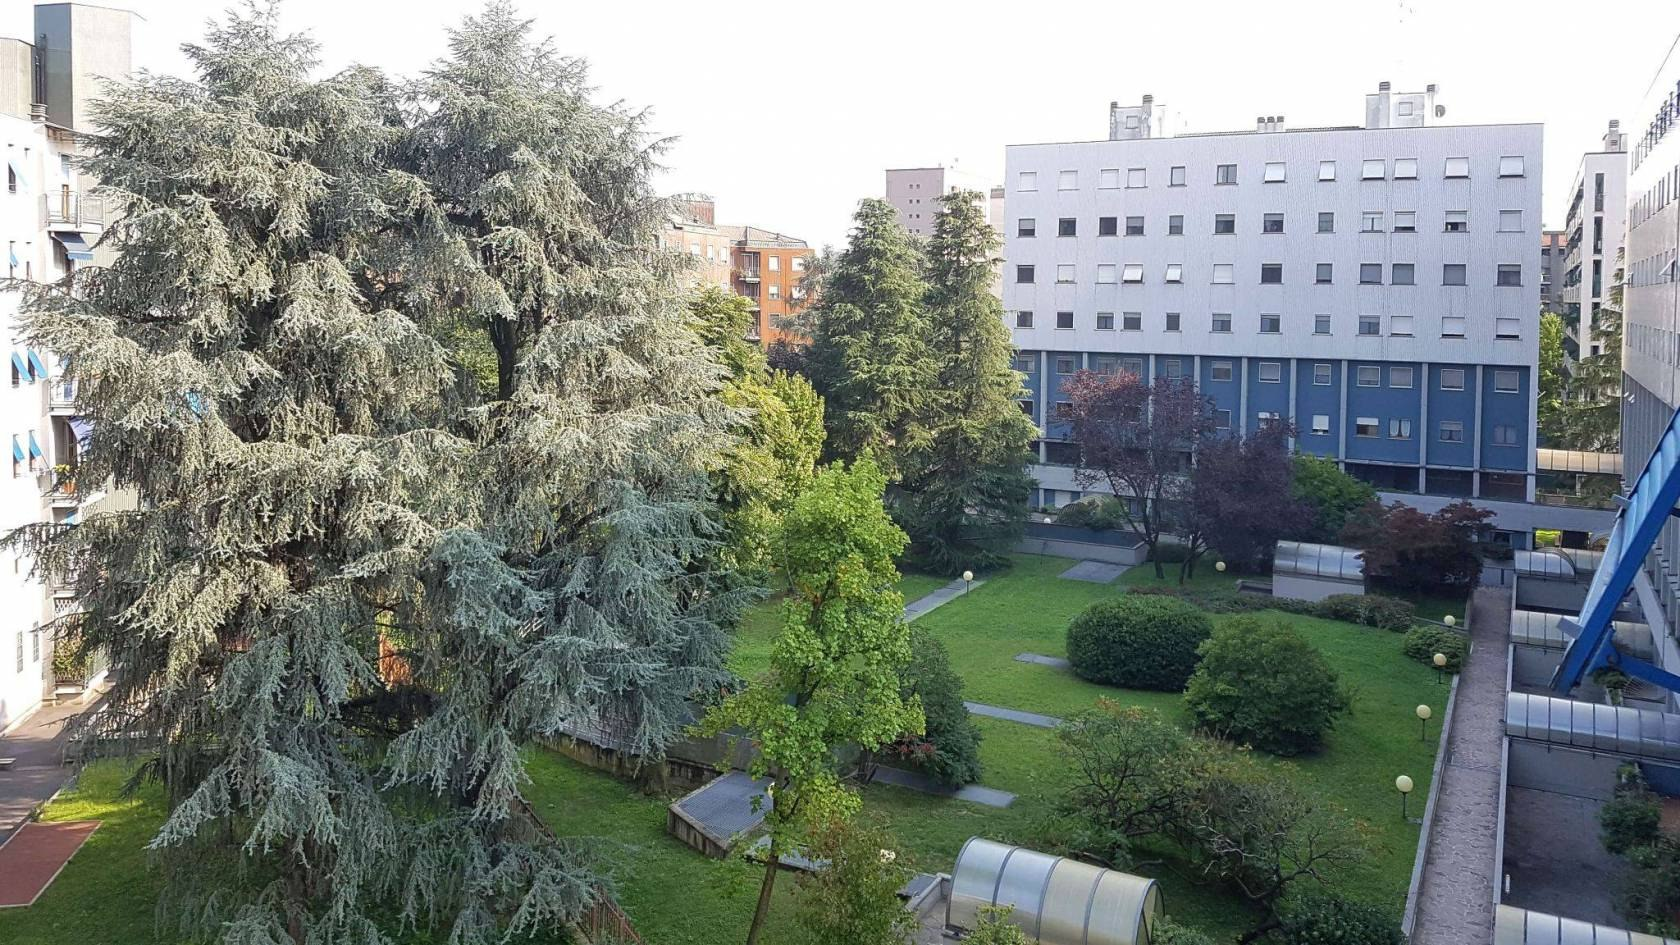 appartamento-in-vendita-milano-baggio-san-siro-forze-armate-quadrilocale-4-locali-quattro-spaziourbano-immobiliare-vende-5